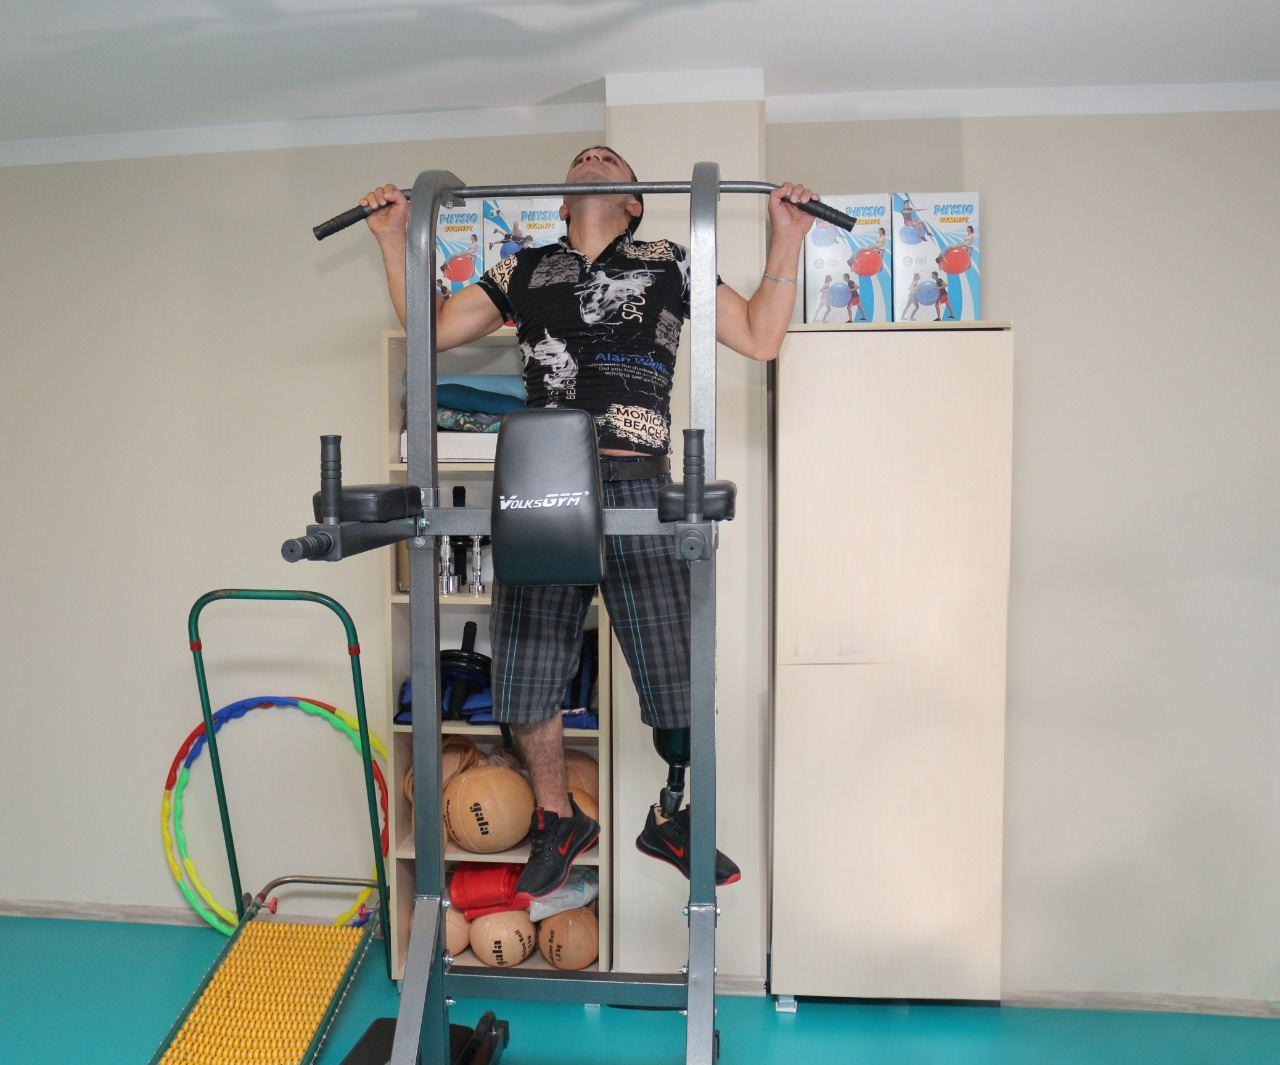 Daha bir qrup qazi yüksək texnologiyalı protezlərlə təmin olunub (FOTO) - Gallery Image